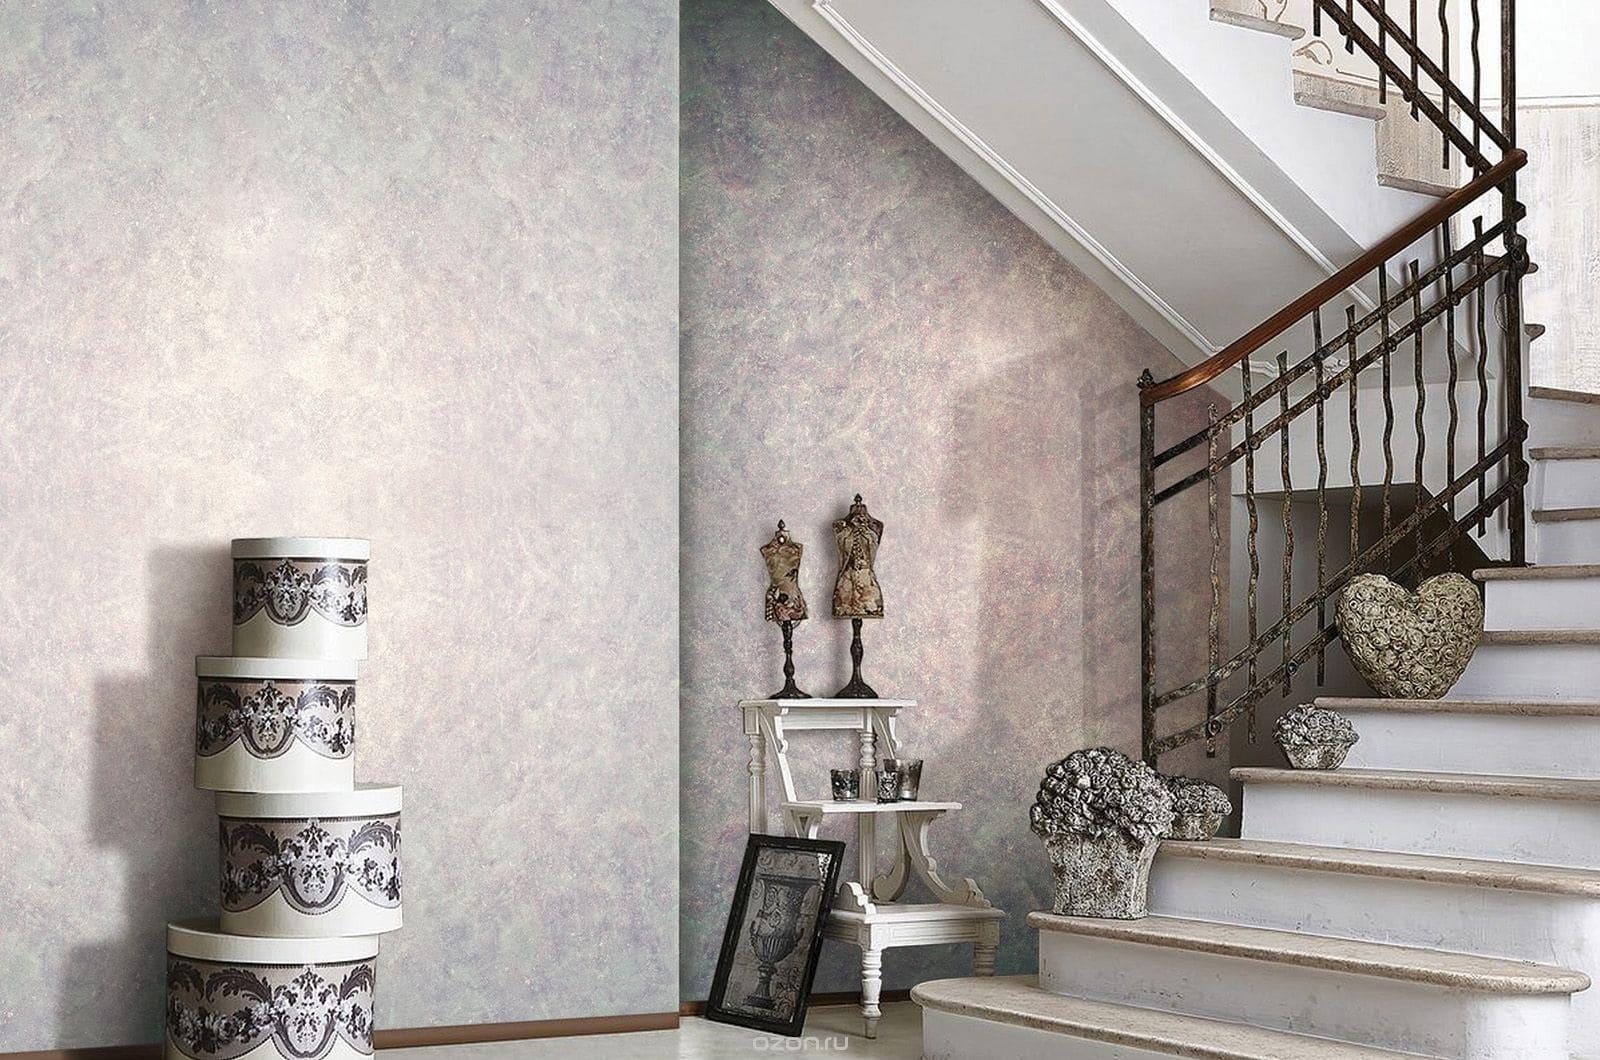 Декоративная штукатурка - лучшие красивые варианты отделки стен в интерьере 057